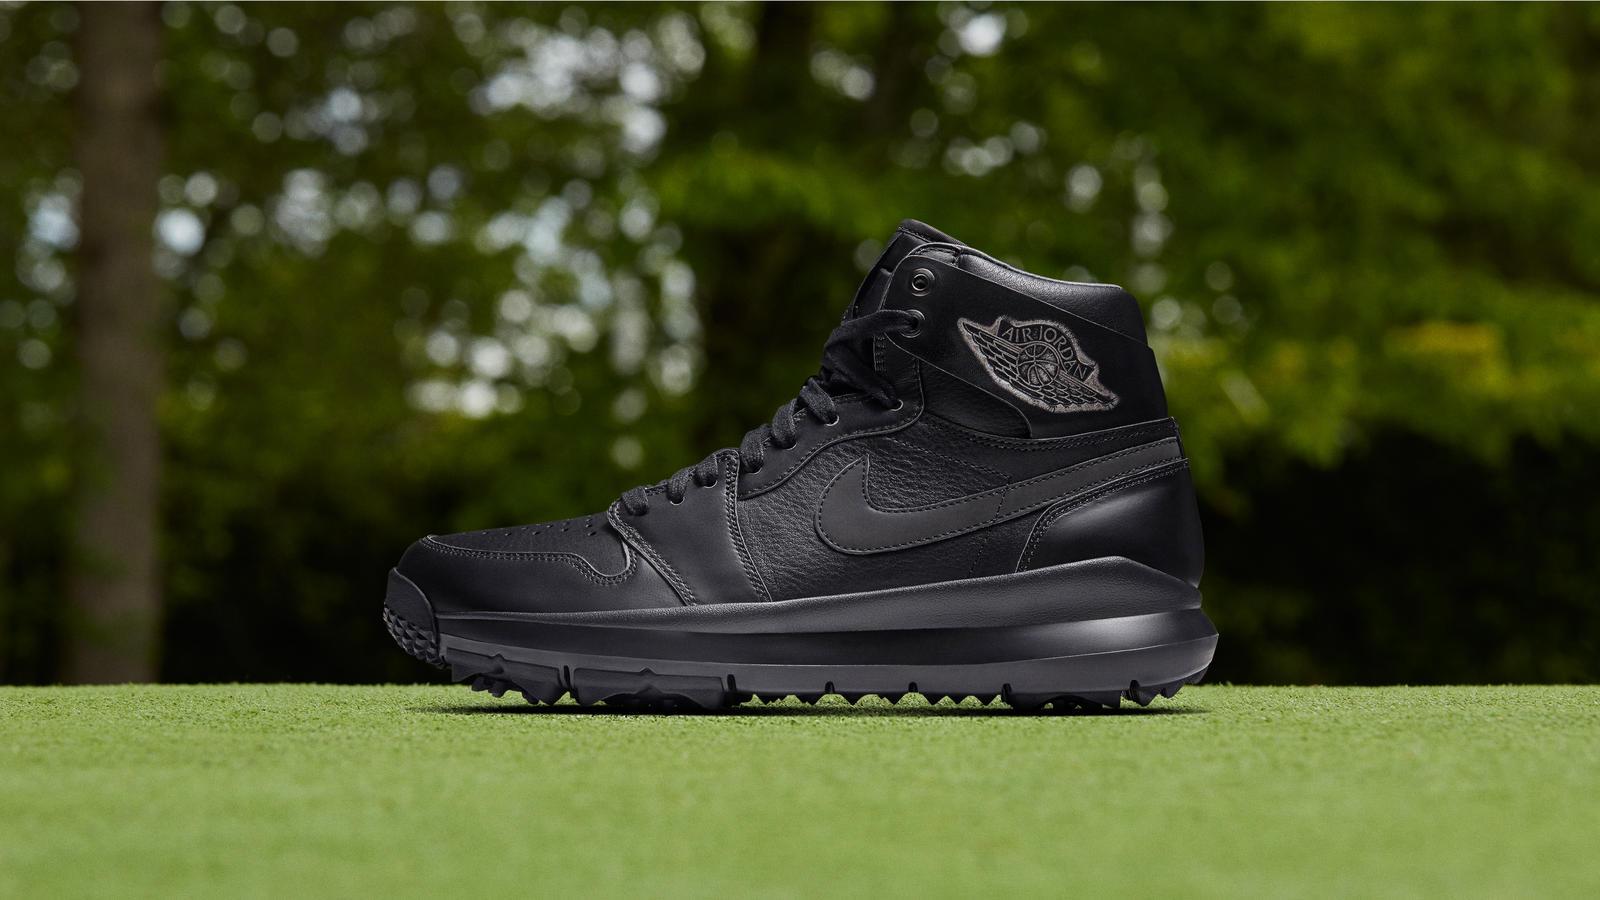 new styles 847e3 0a277 ... Air Jordan 1, Nike Golf is  Aj1 premium 1 native 1600 ...